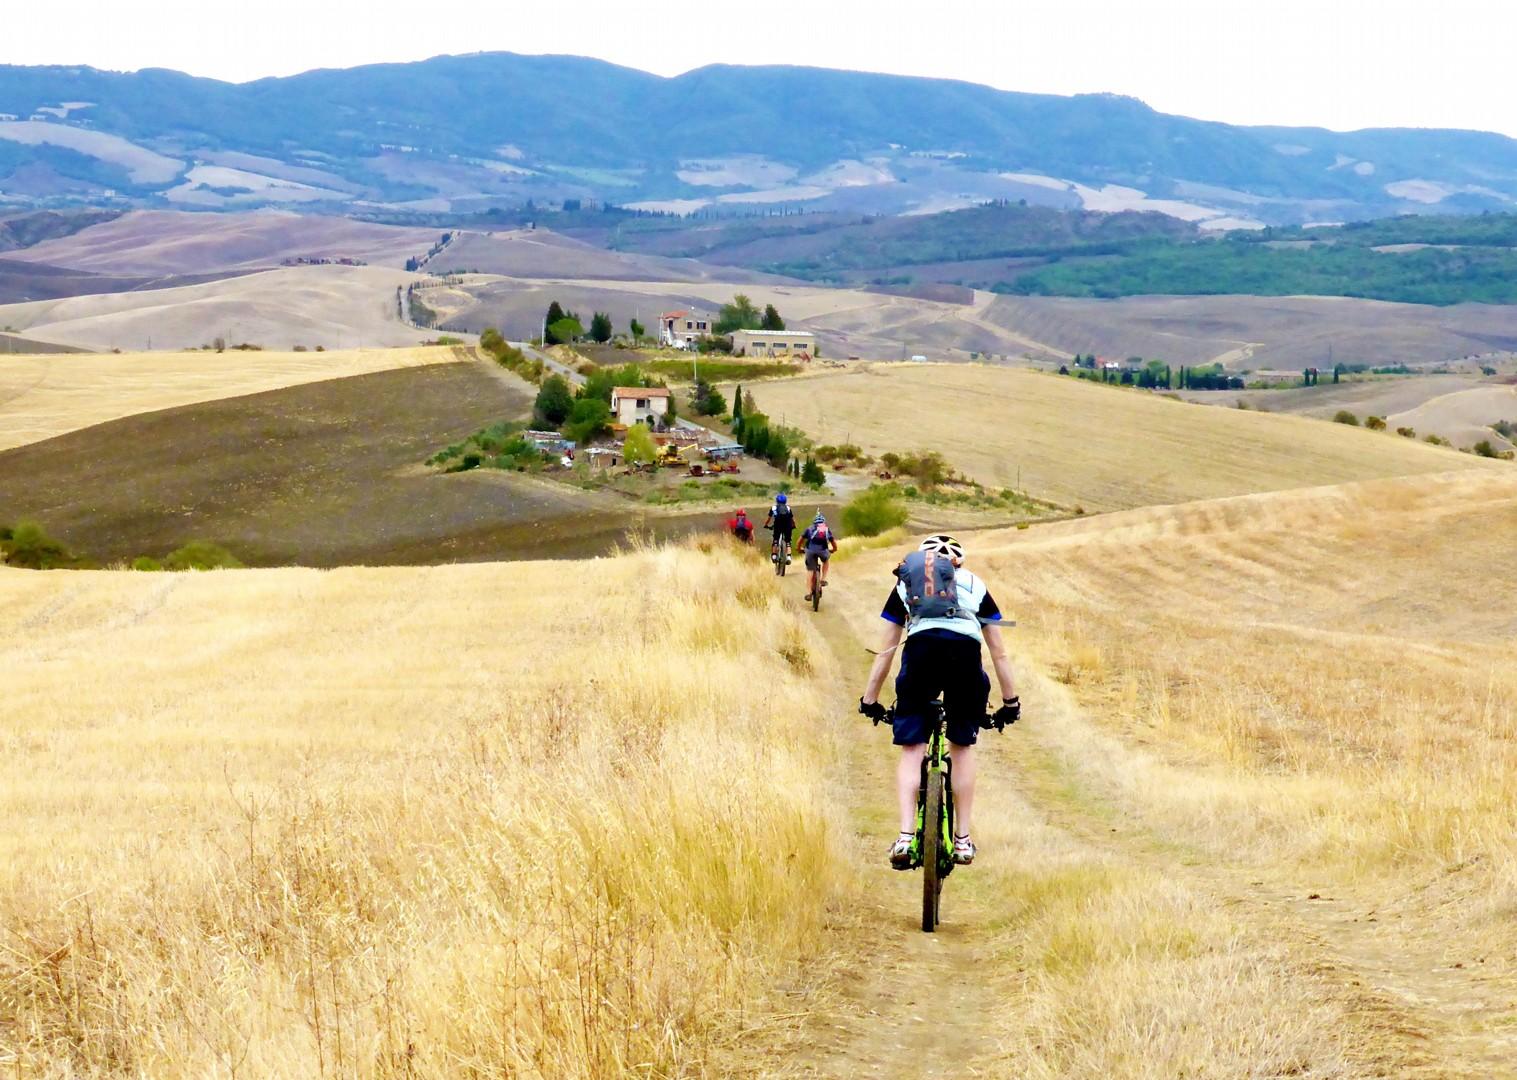 Foto 11-09-17, 12 55 10.jpg - Italy - Via Francigena (Tuscany to Rome) - Guided Mountain Biking Holiday - Italia Mountain Biking